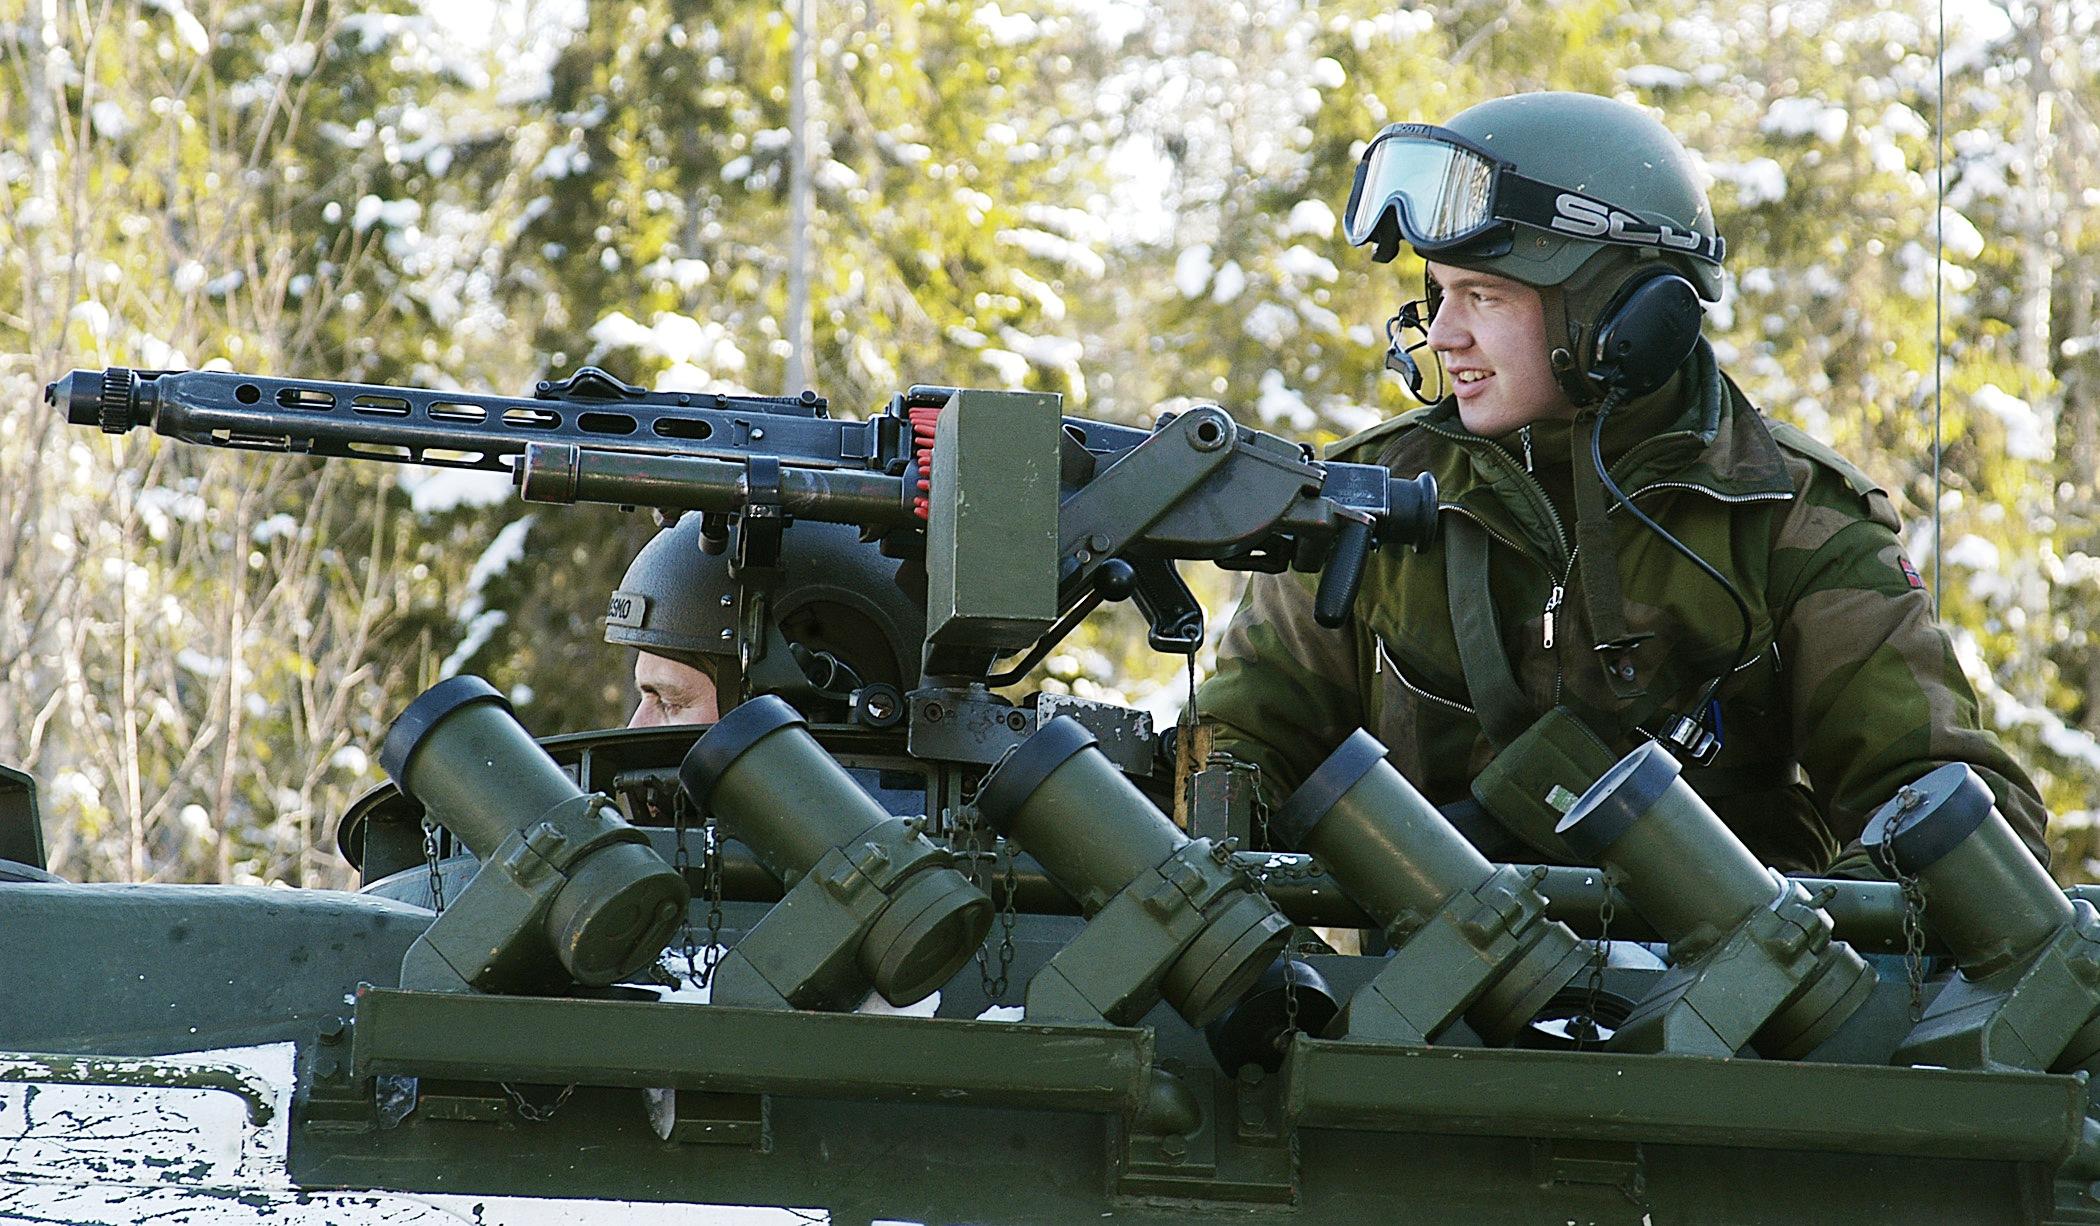 Norwegian_soldier_-_Battle_Griffin_2005.